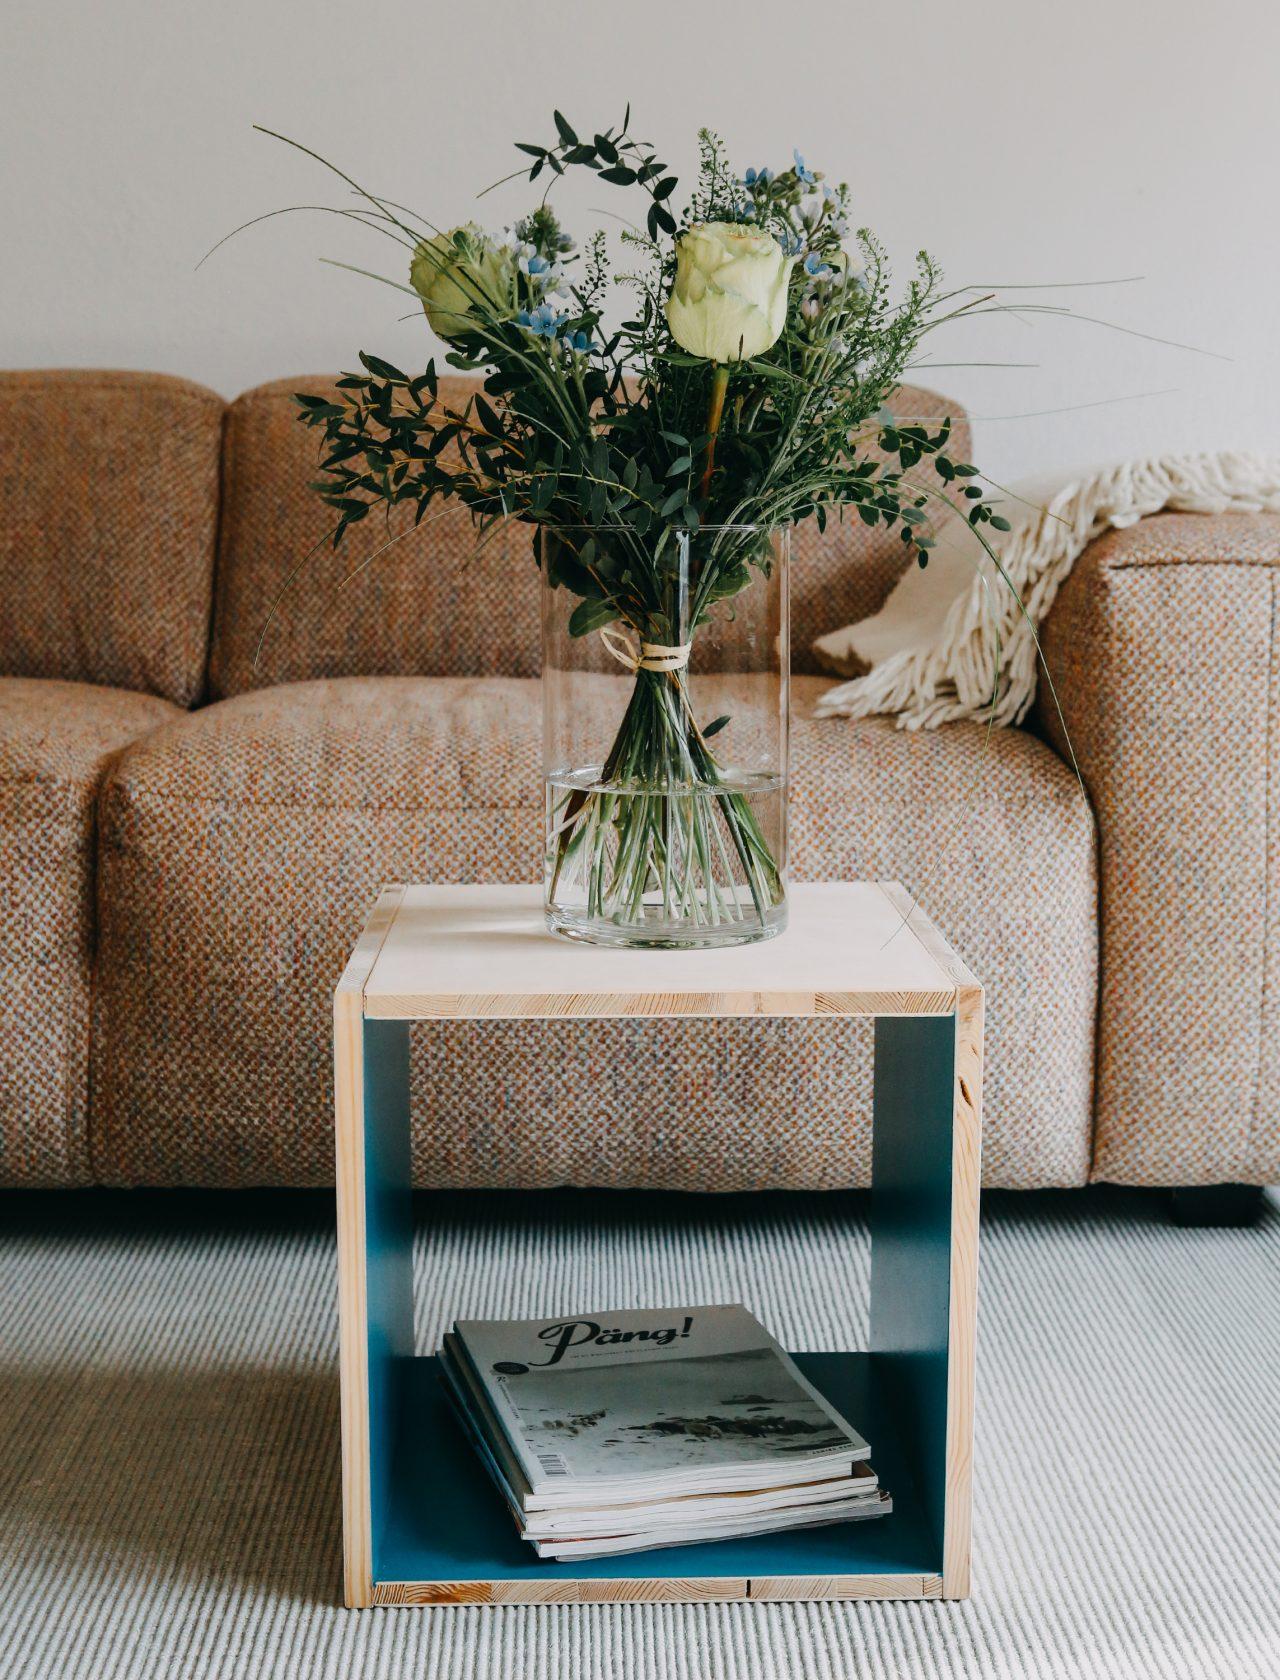 Türkiser Beistelltisch mit Blumenstrauß vor Sofa